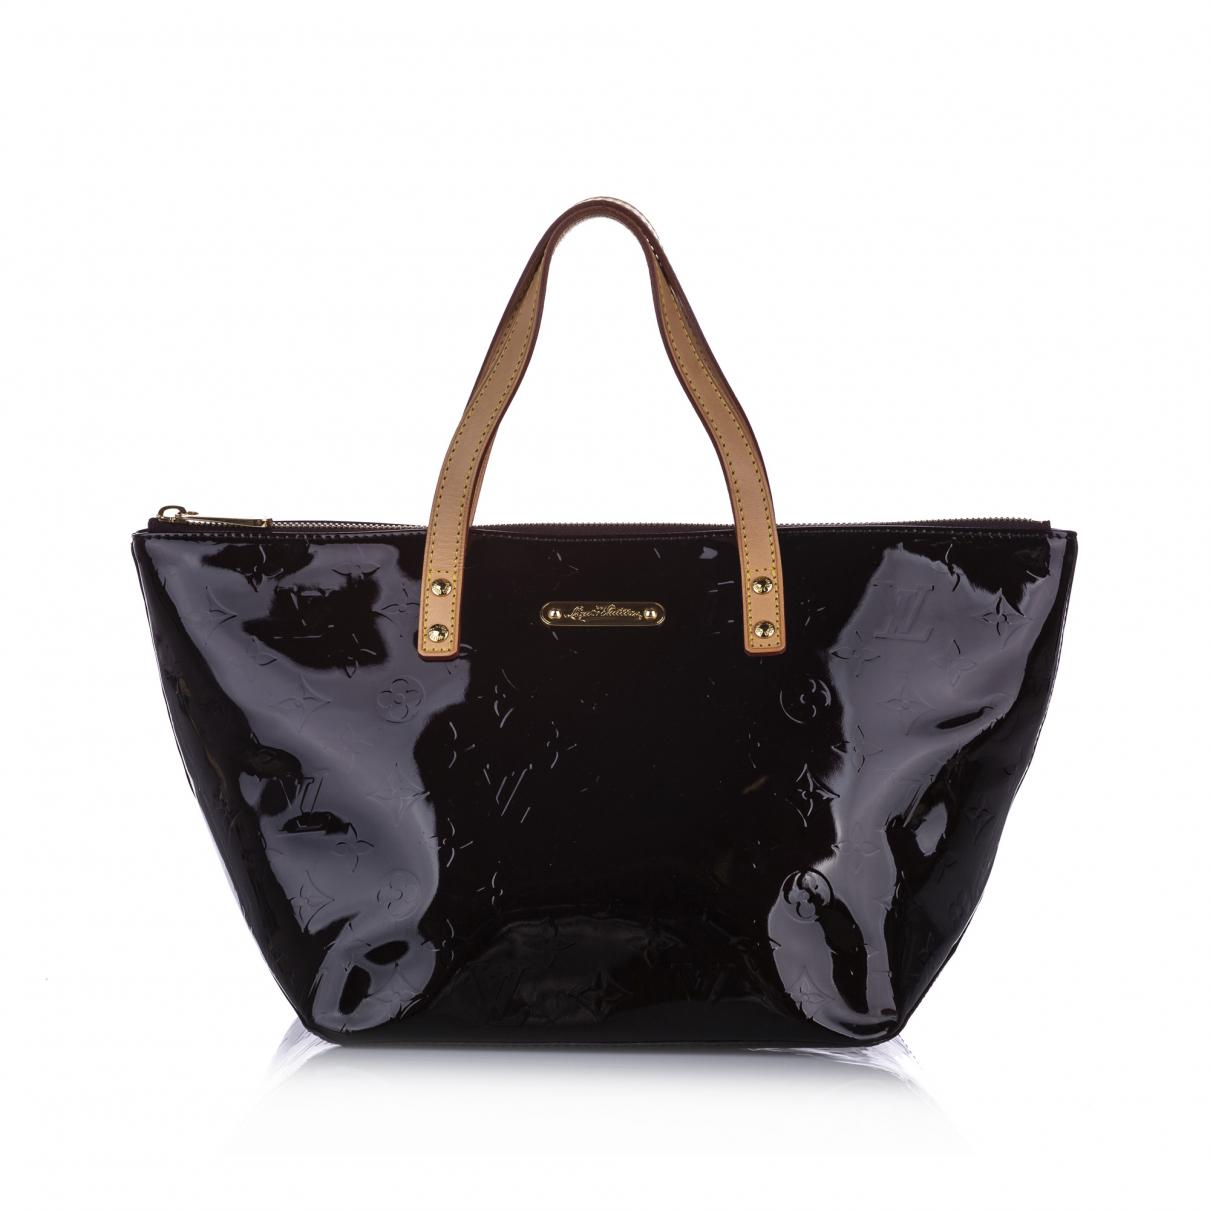 Louis Vuitton - Sac a main Bellevue pour femme en cuir - violet